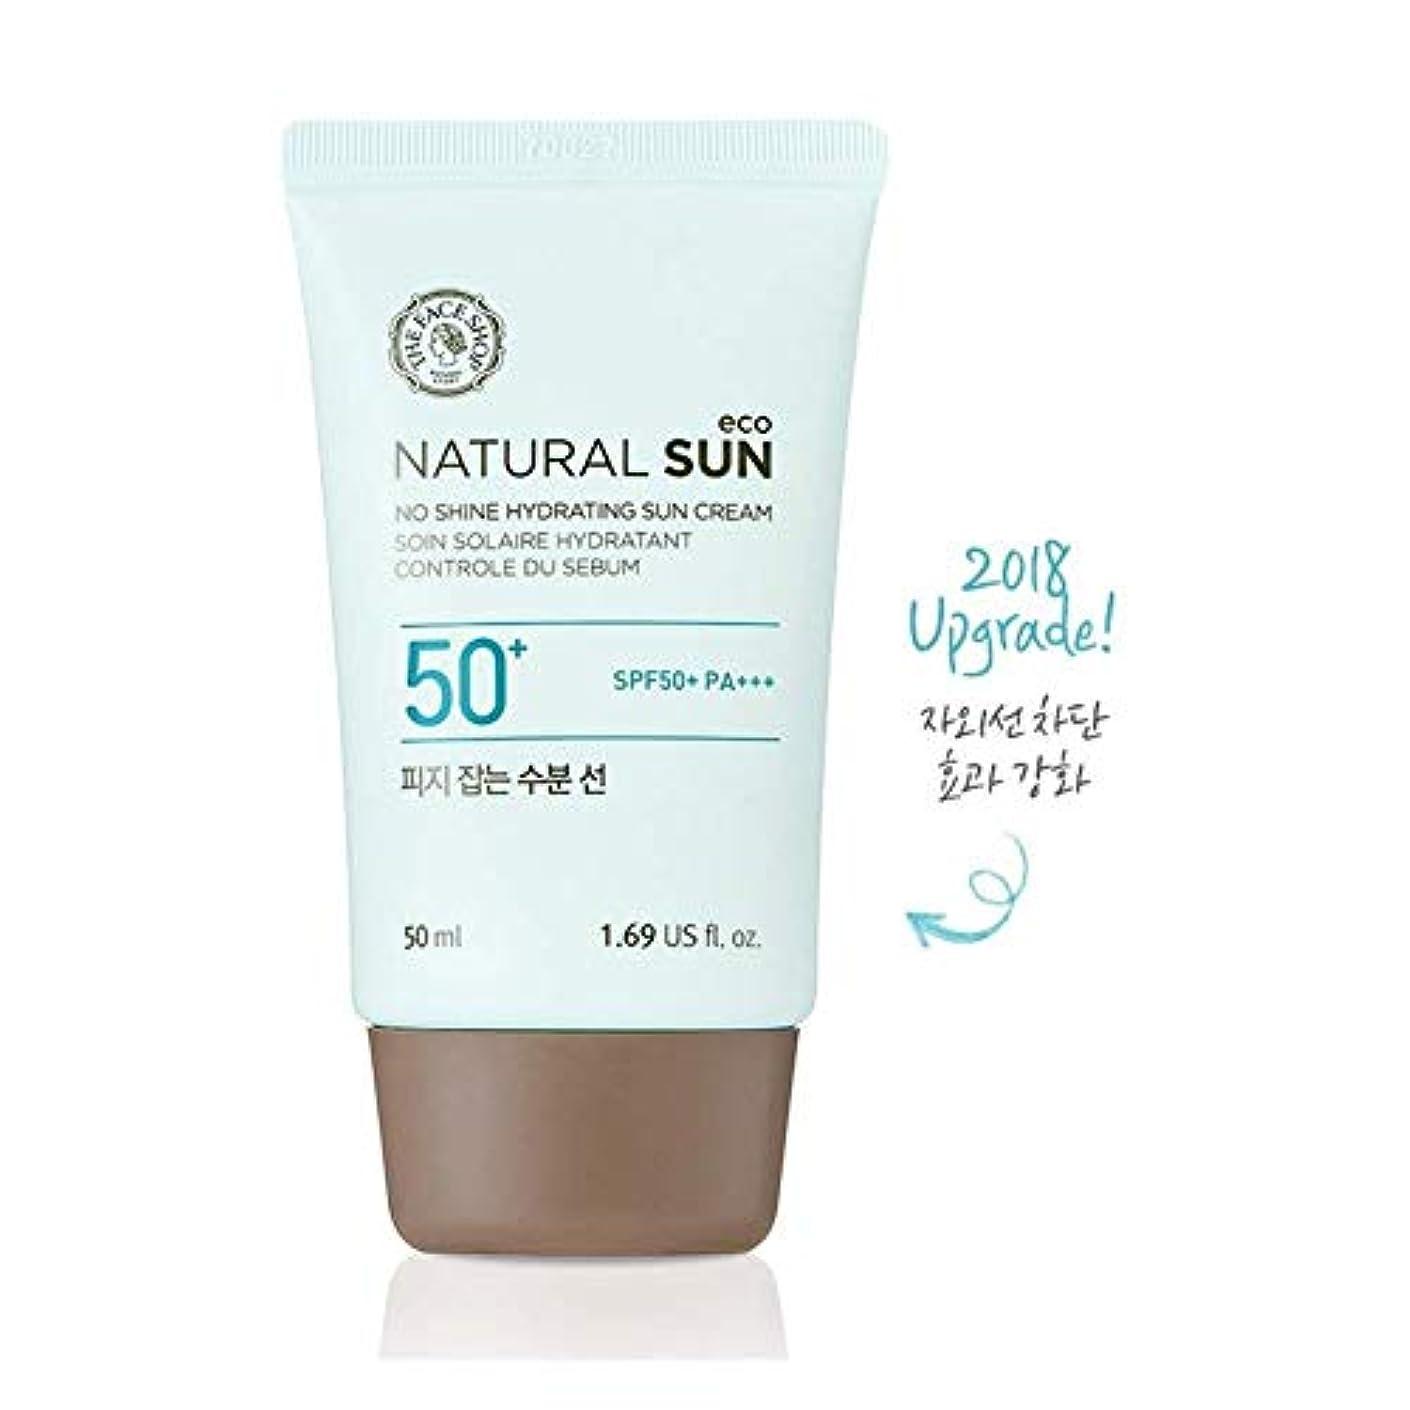 同意鉛筆施設ザ?フェイスショップ ネチュロルソンエコフィジーサン?クリーム SPF50+PA+++50ml 韓国コスメ、The Face Shop Natural Sun Eco No Shine Hydrating Sun Cream...